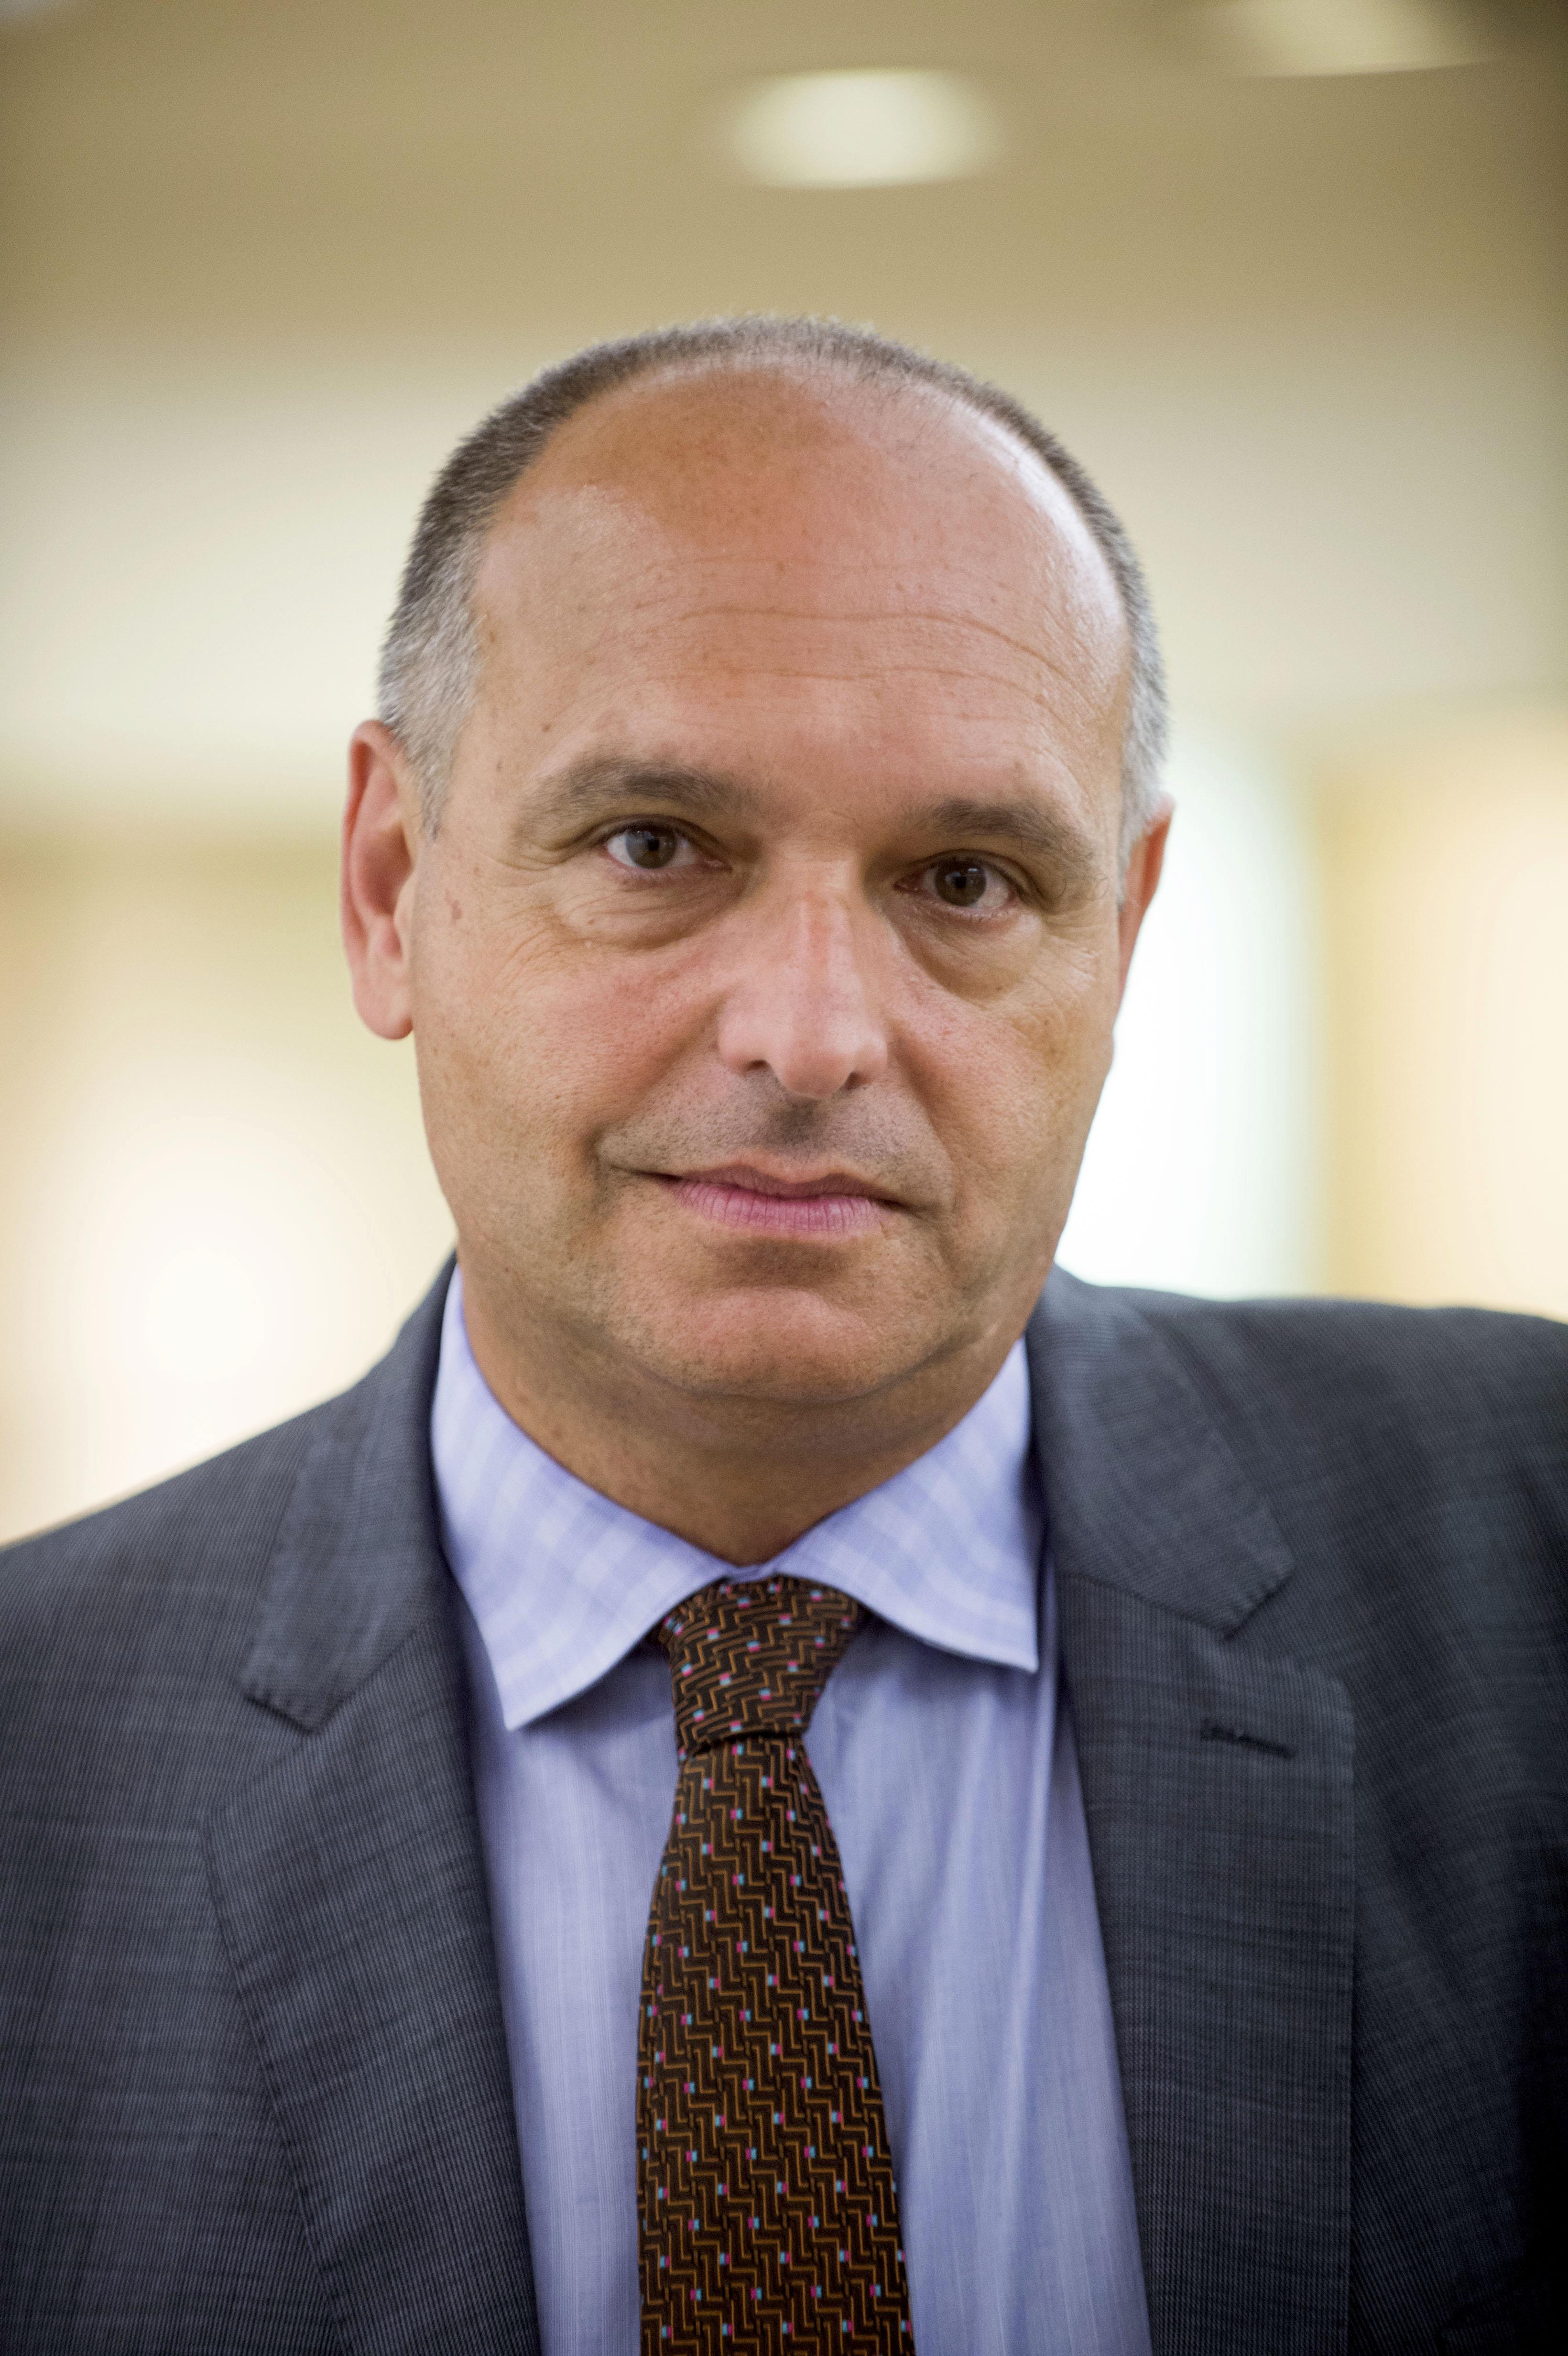 Jean-François Tripodi